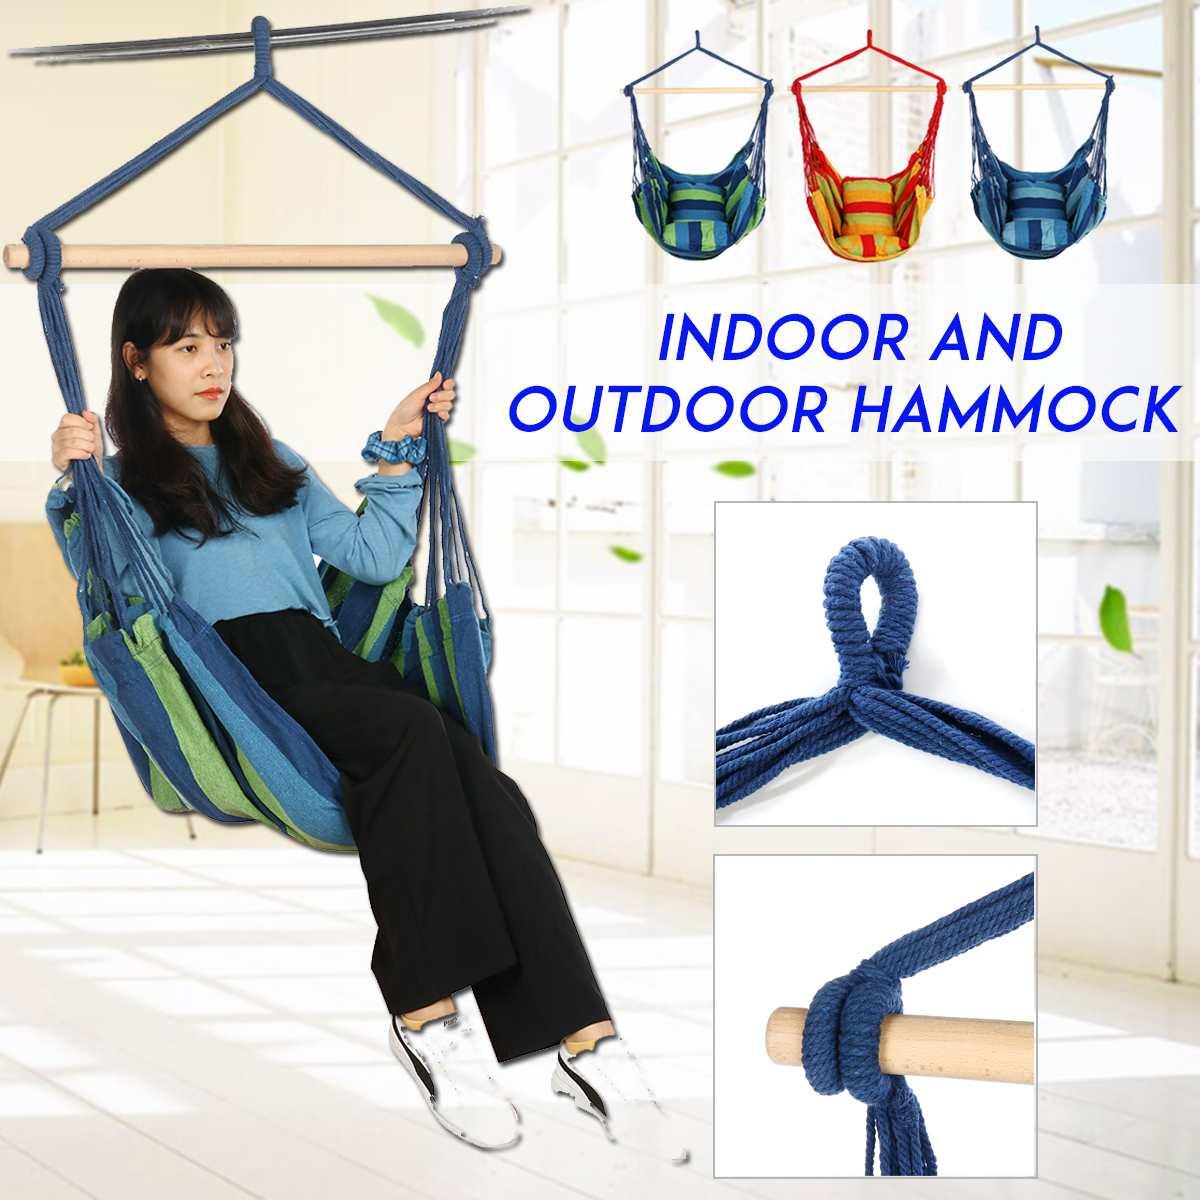 Hammock Outdoor 120KG Relax   Capacity Hanging Hammock Garden Swing Chair Bed For Patio Garden Porch Yard Bedroom